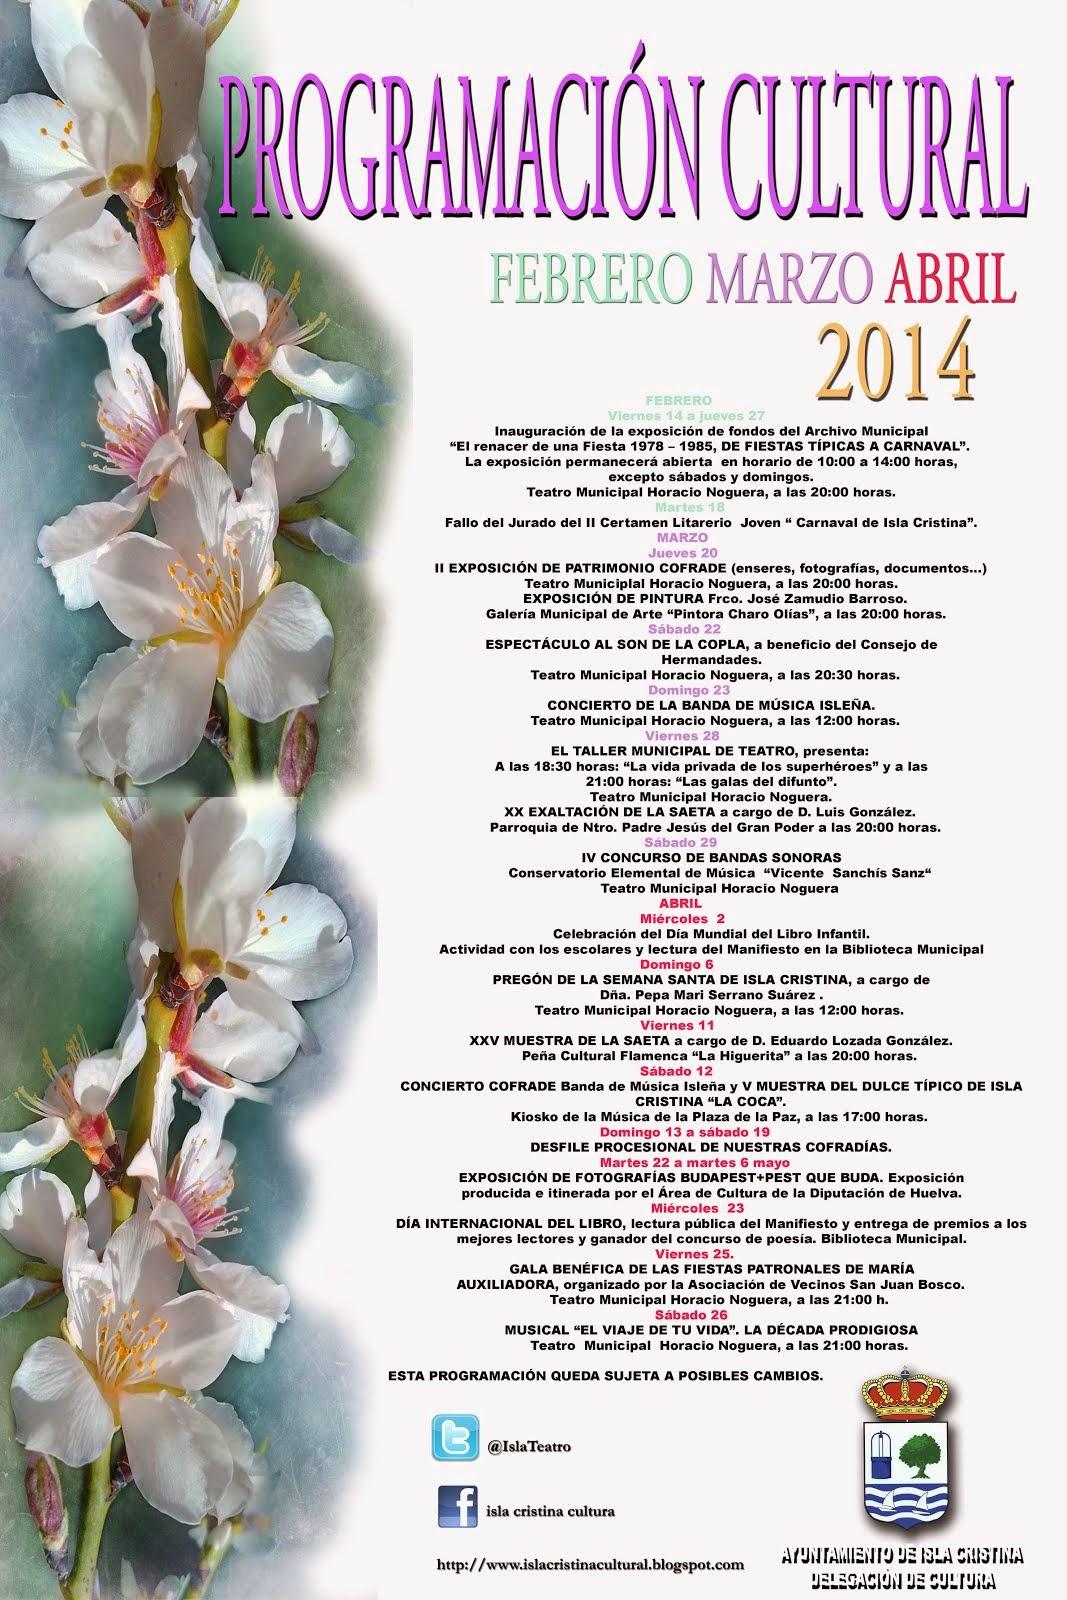 PROGRAMACIÓN CULTURAL FEBRERO,MARZO Y ABRIL DE 2014